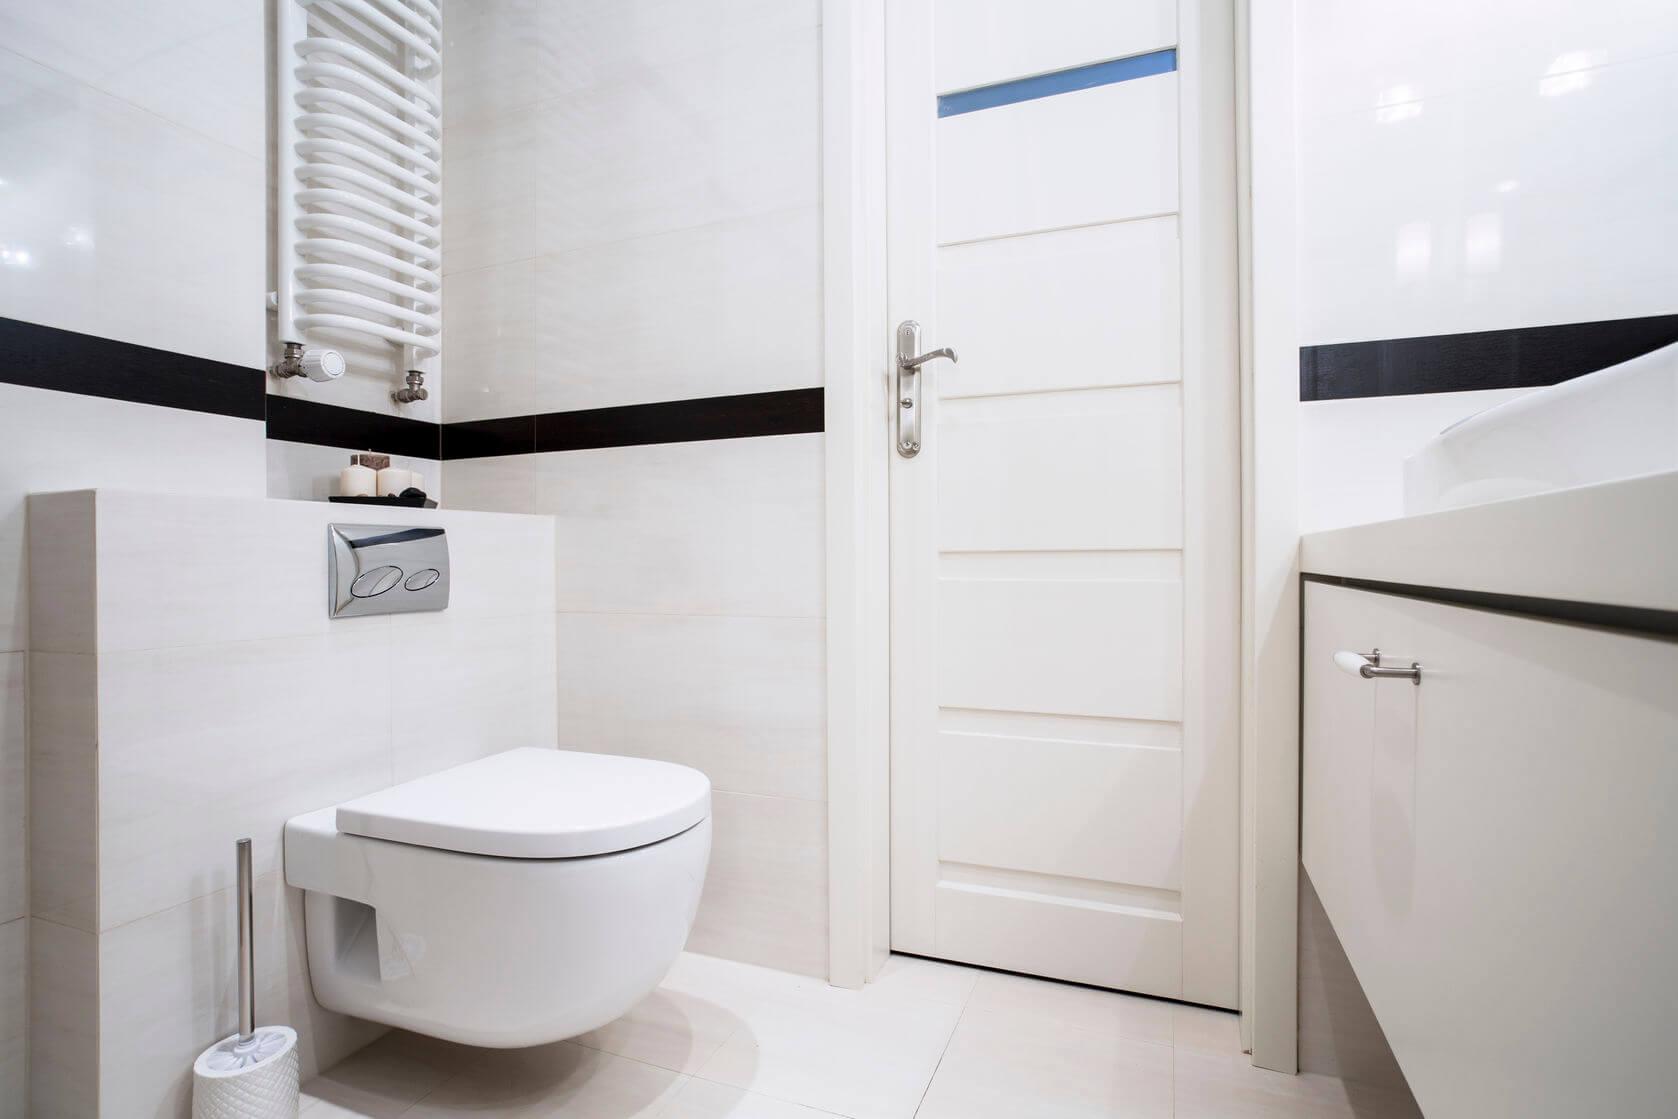 Kosten Hangend Toilet Plaatsen.Wat Kost Een Staand Toilet Laten Vervangen Door Een Hangend